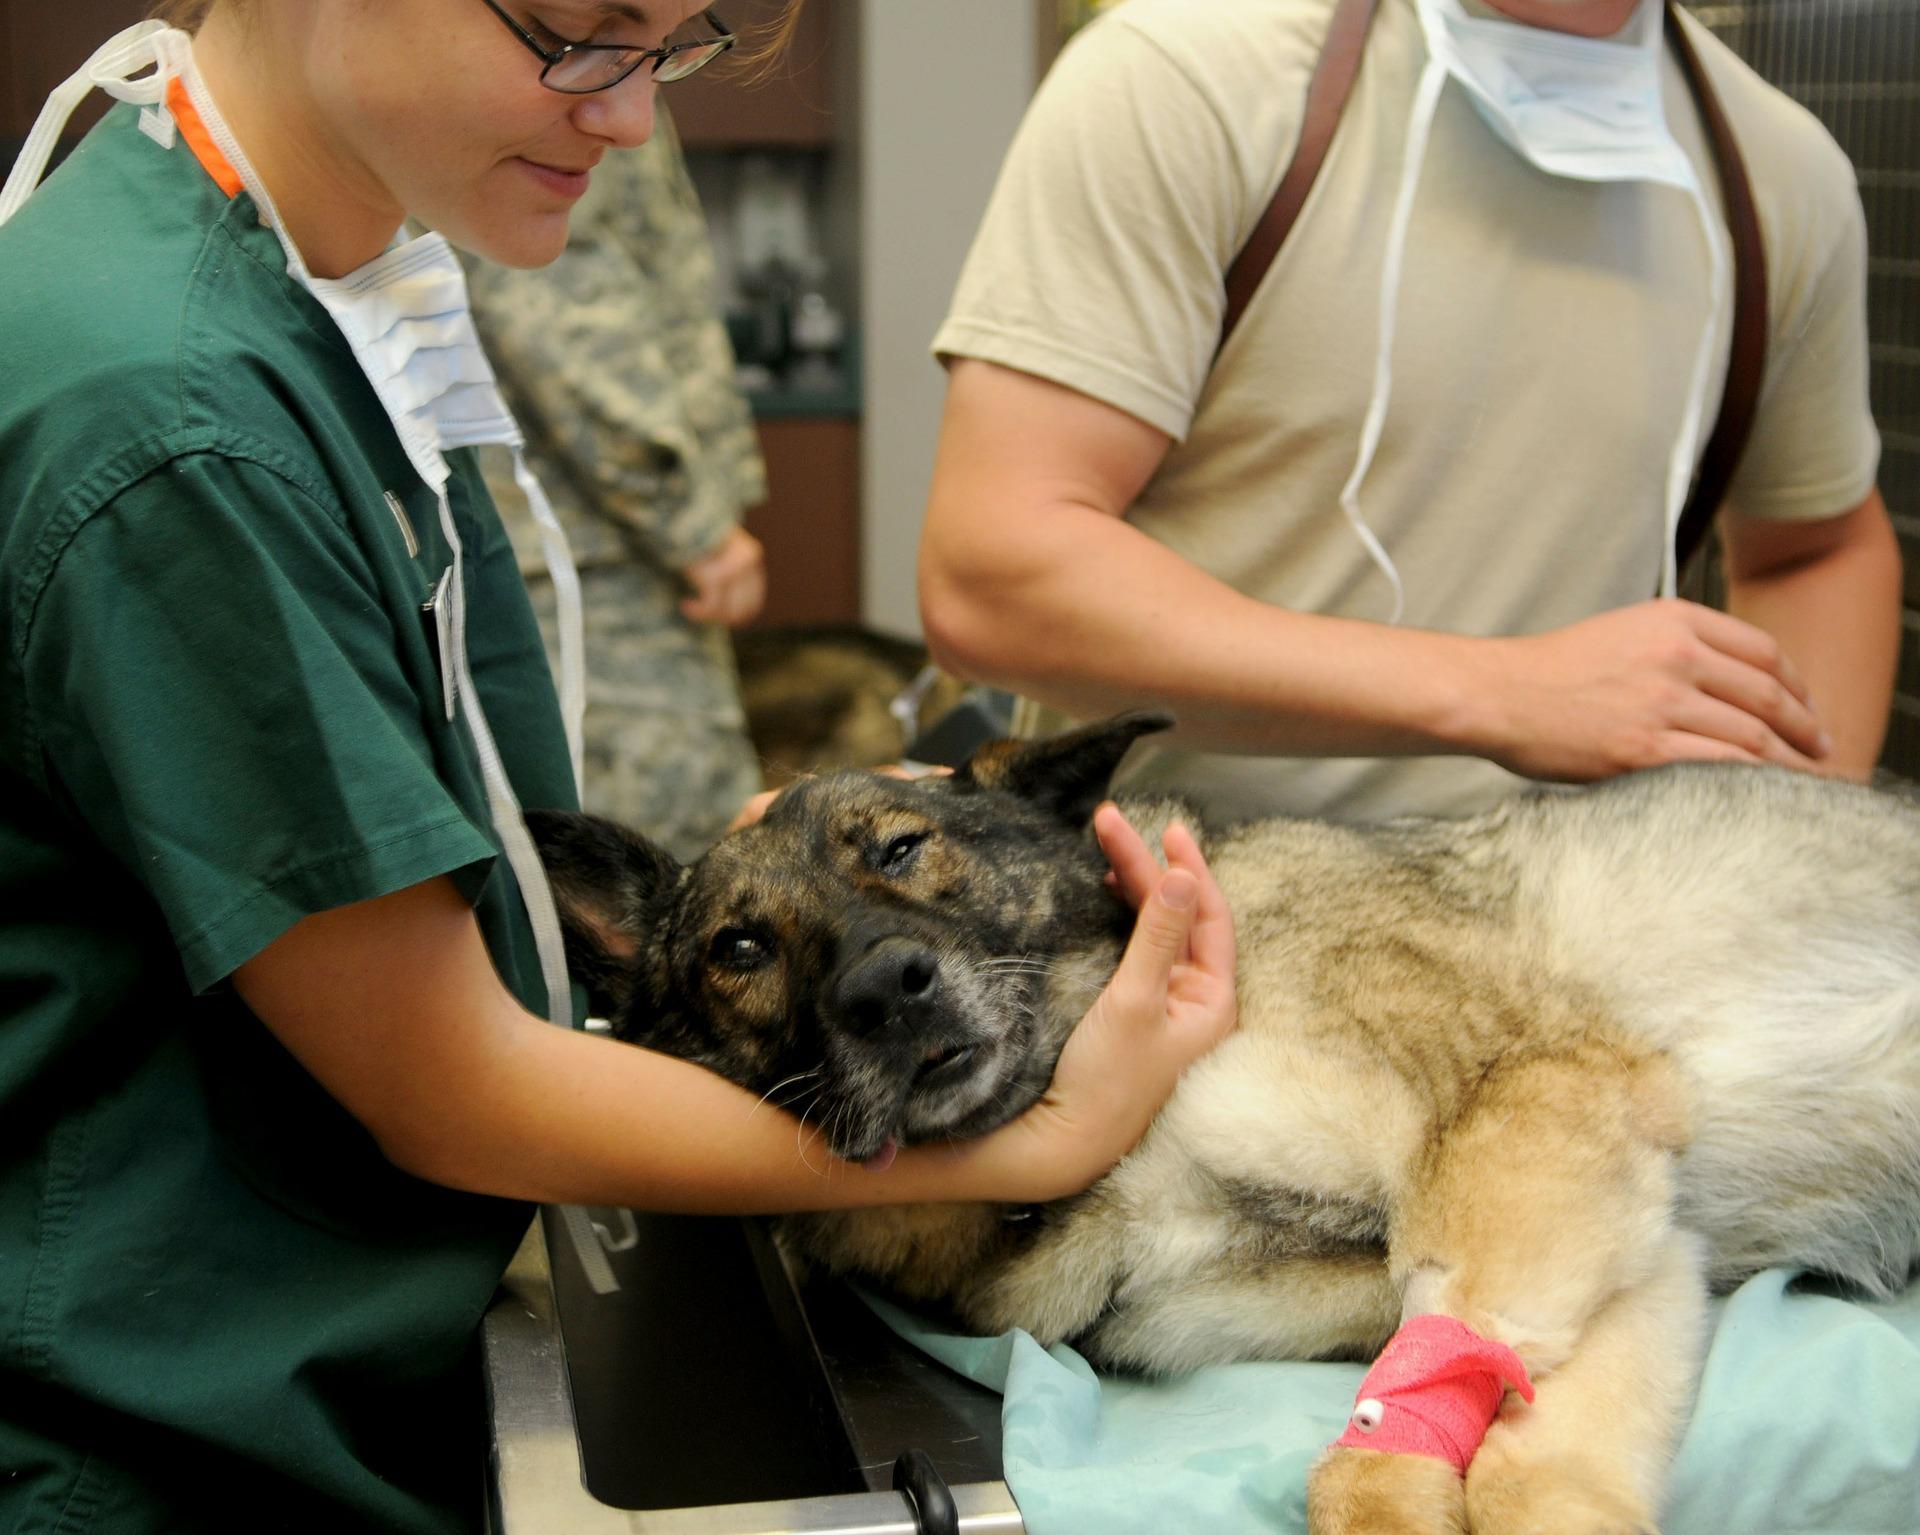 veterinary-85925_1920.jpg (520 KB)